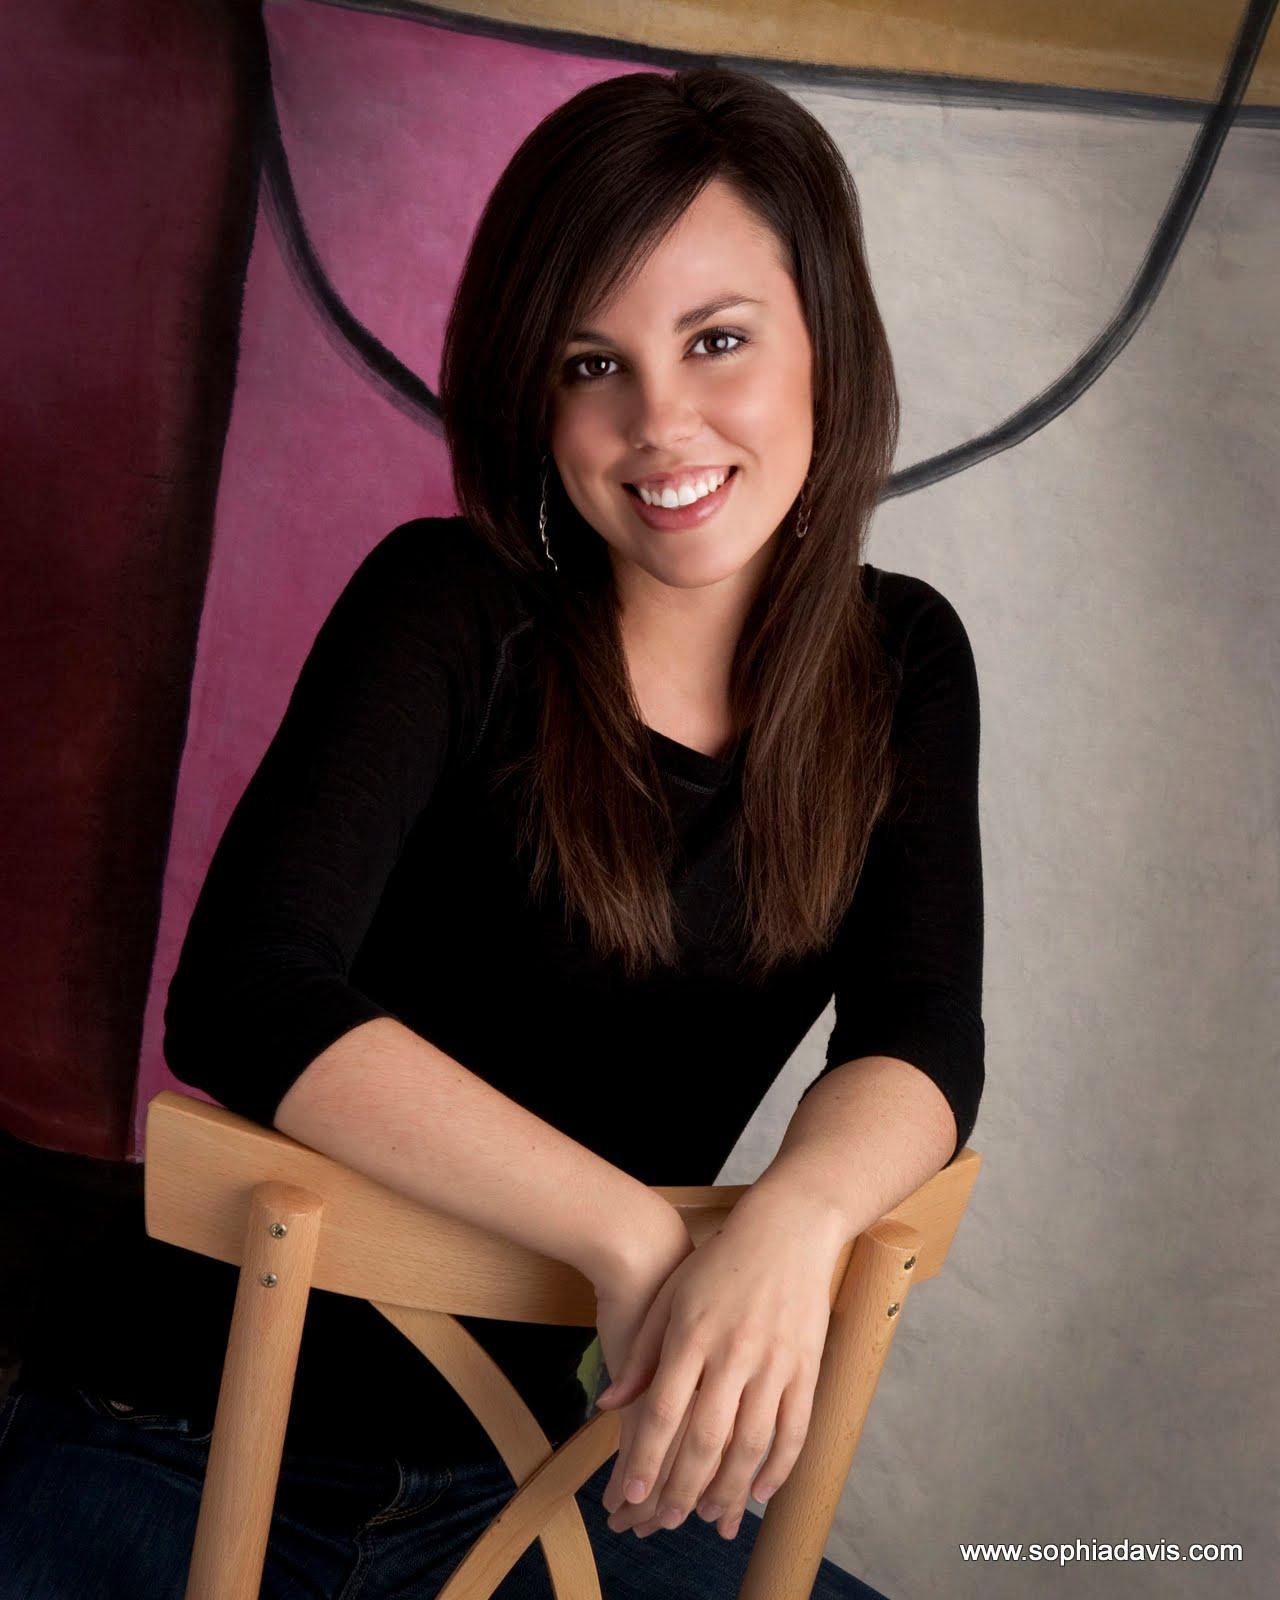 Rebekah Zoz, 2009